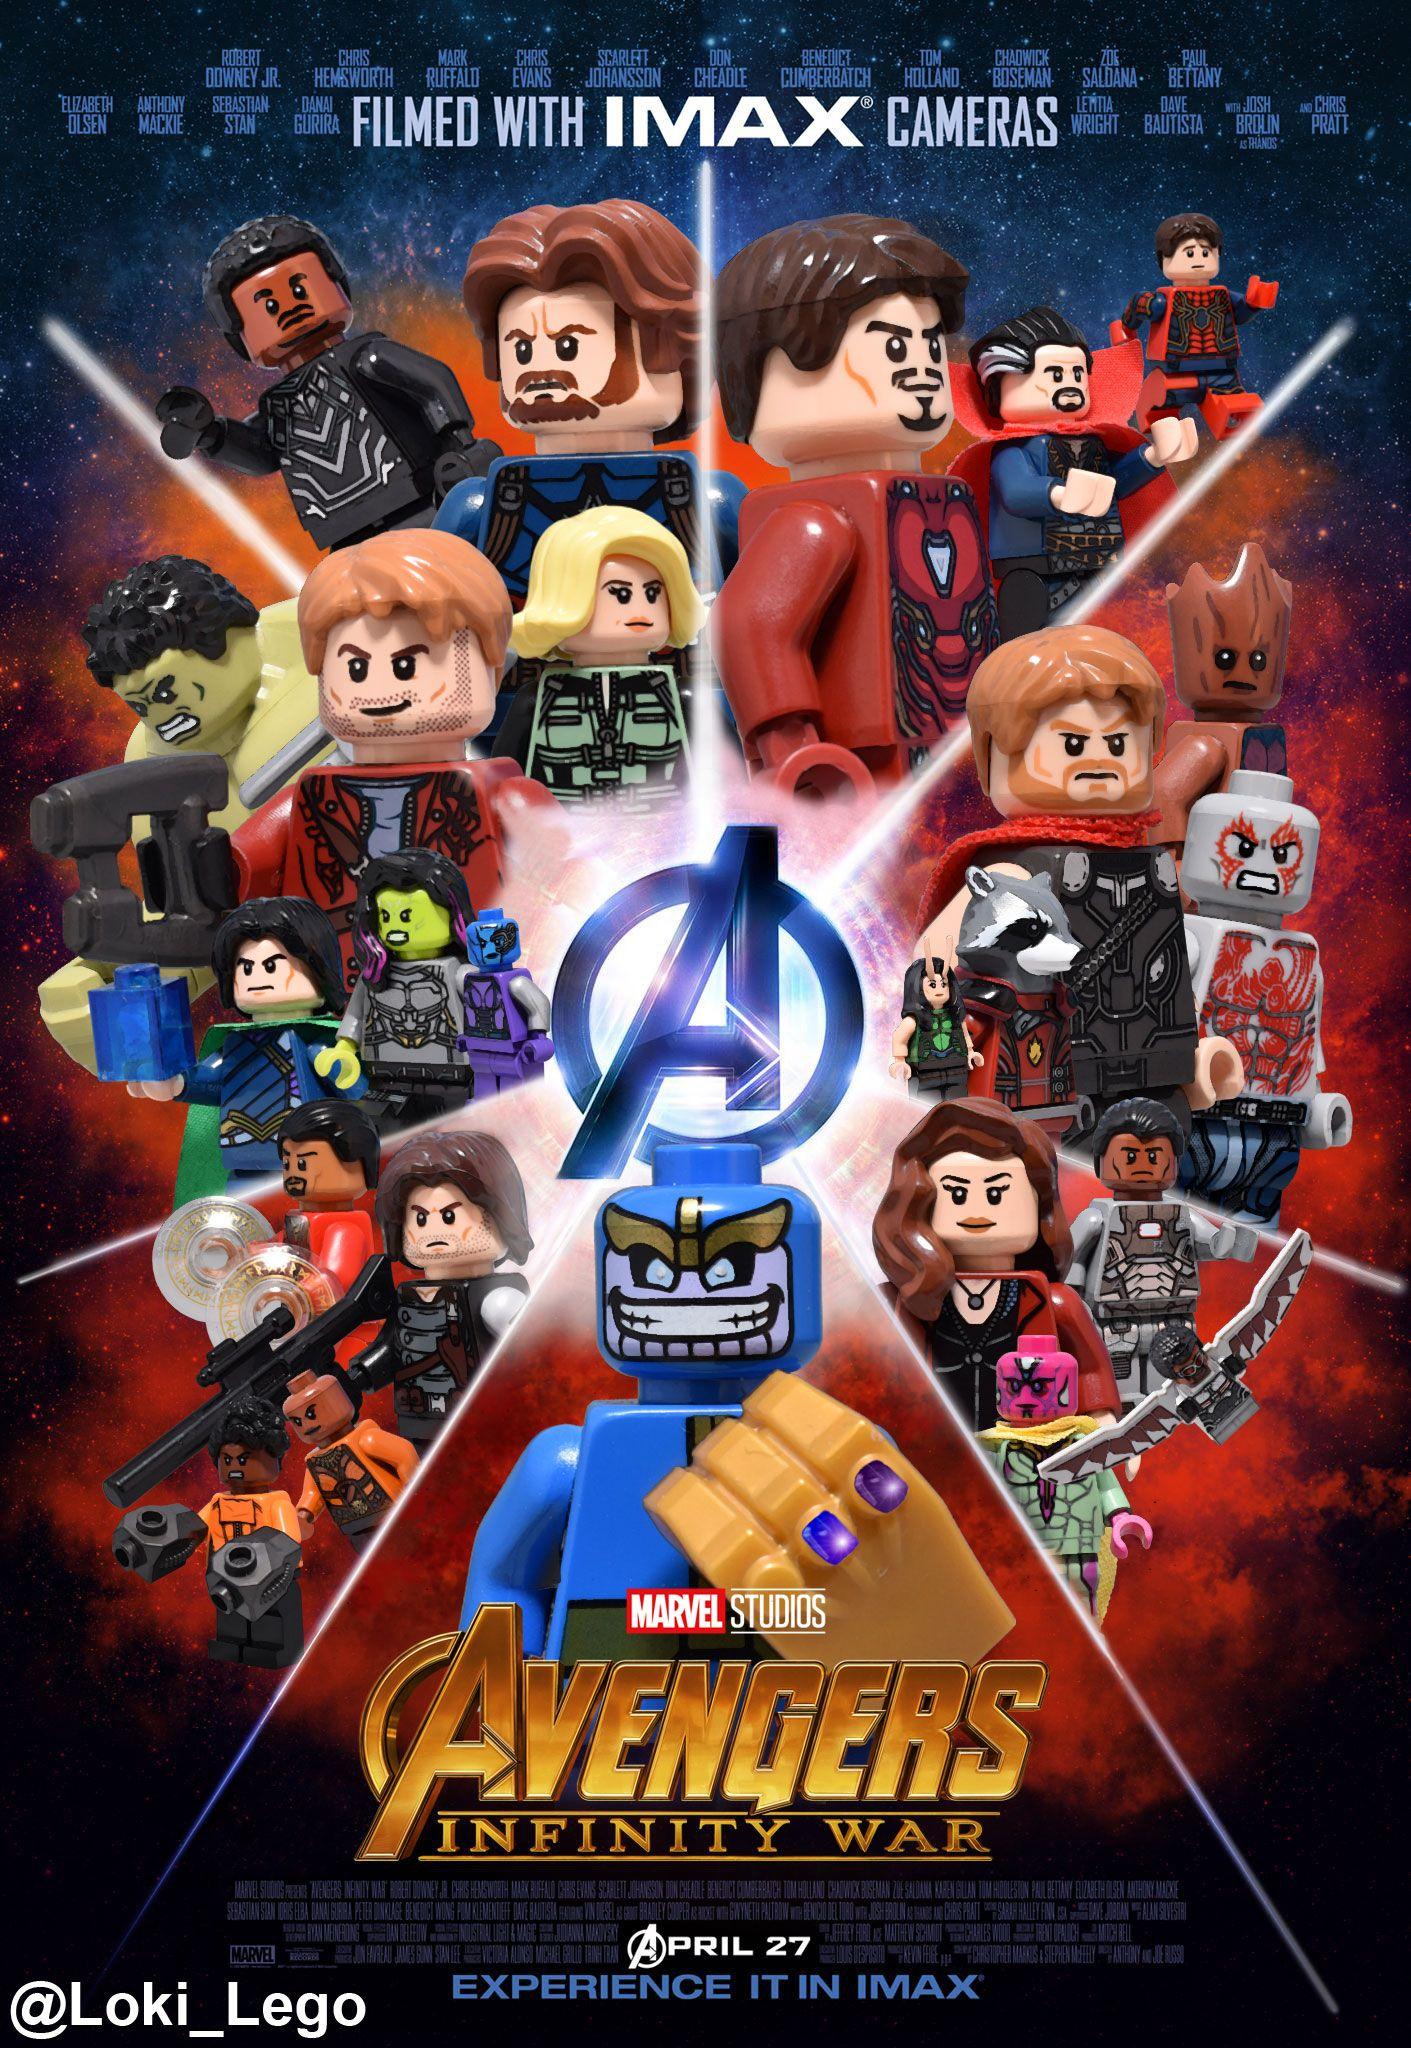 Bildergebnis für avengers infinity war poster lego